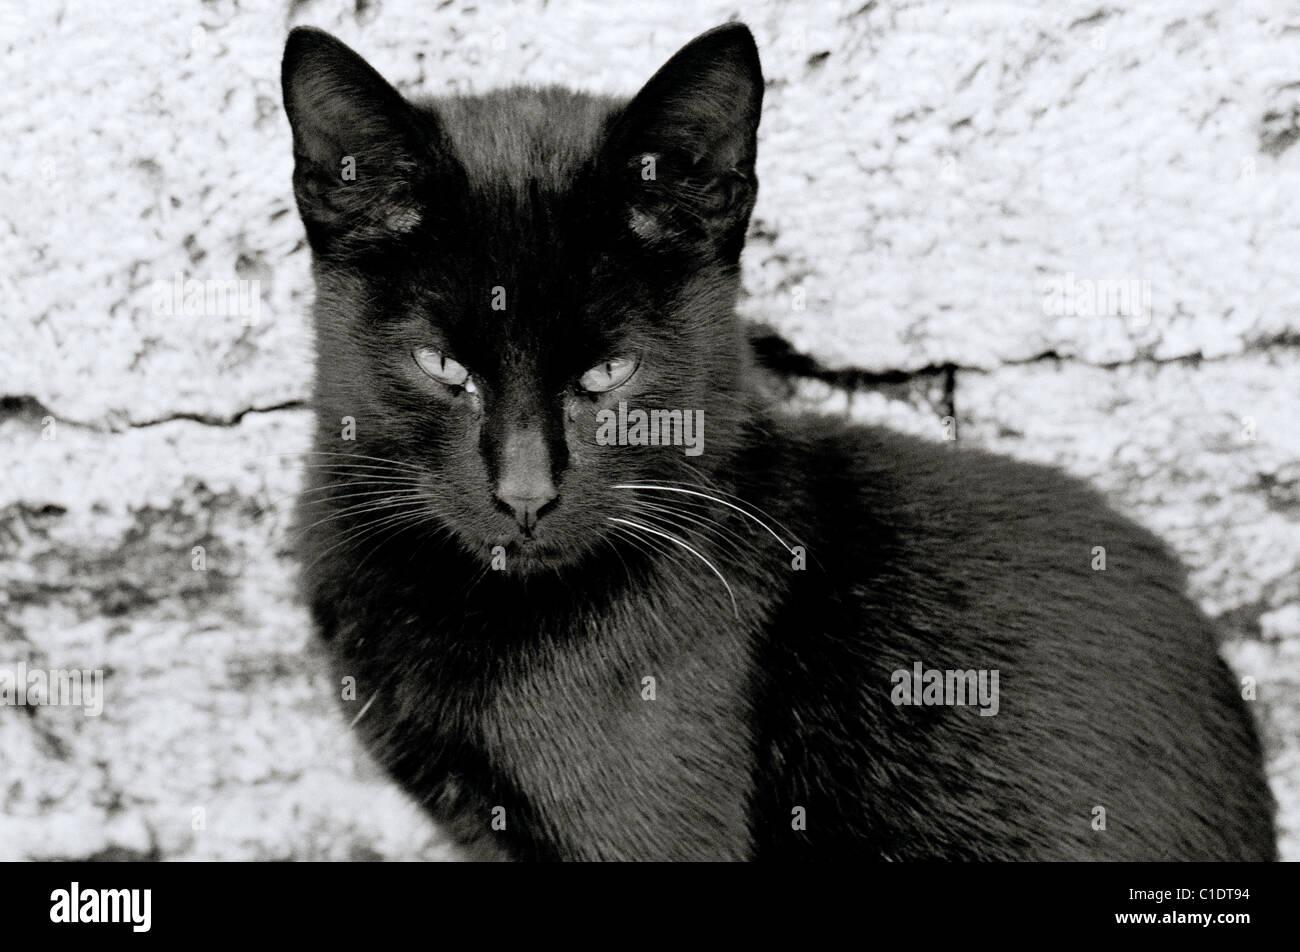 Dokumentarische Fotografie - finstere Suche schwarze Katze in Istanbul in der Türkei Naher Osten Asien. Katzen Stockbild